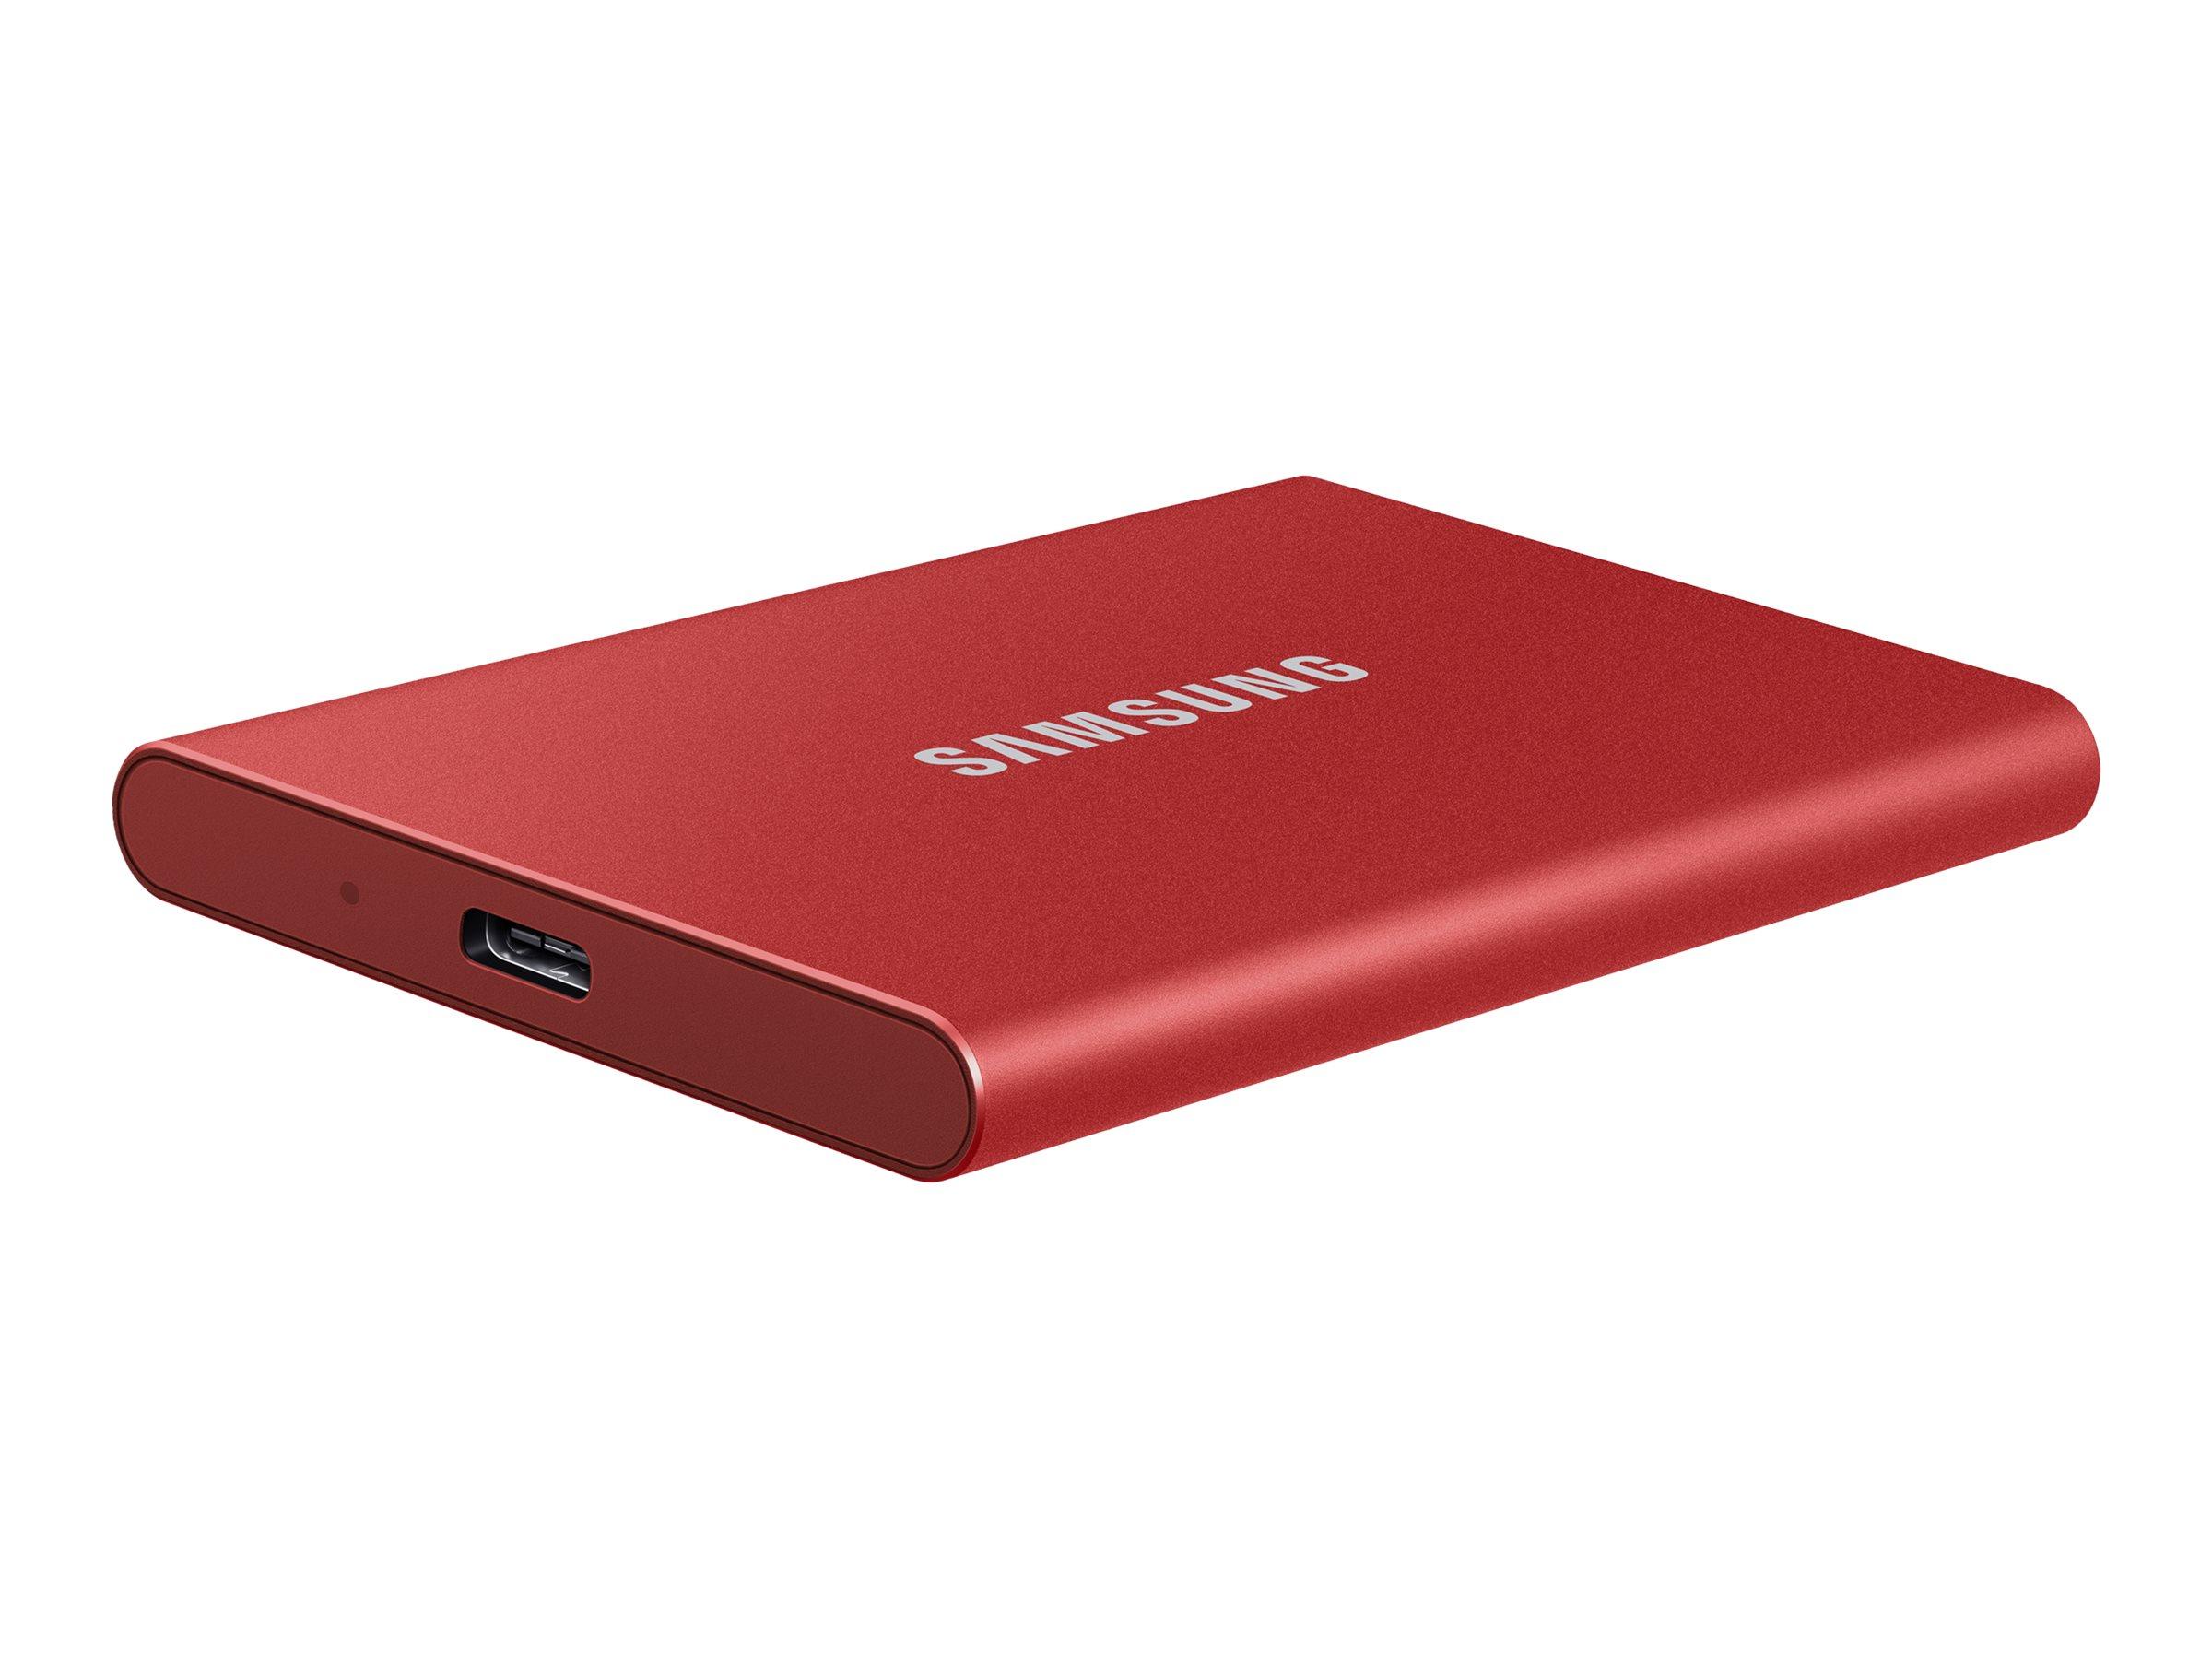 Samsung Portable SSD T7 MU-PC2T0R - 2 TB SSD - extern (tragbar)